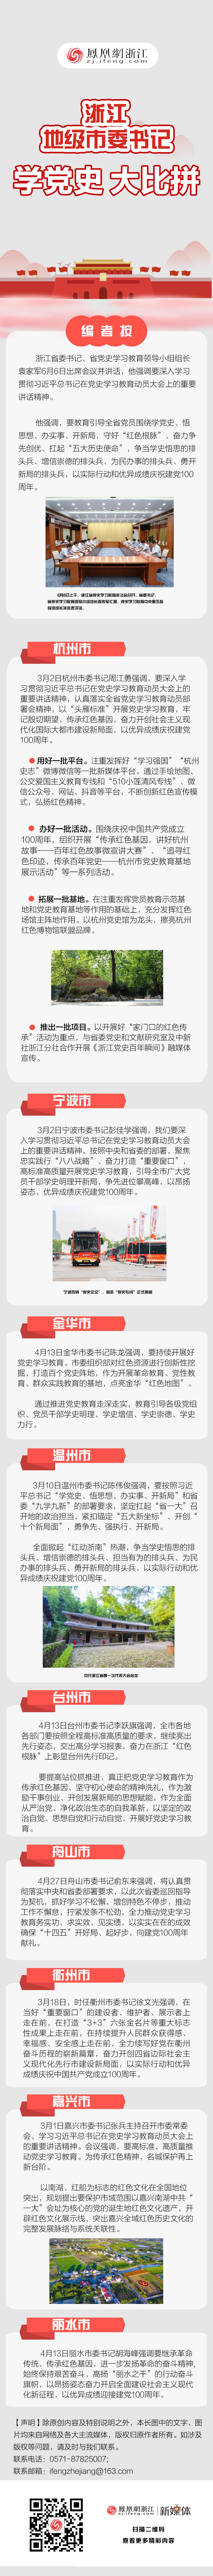 一图读懂   浙江地级市委书记学党史大比拼